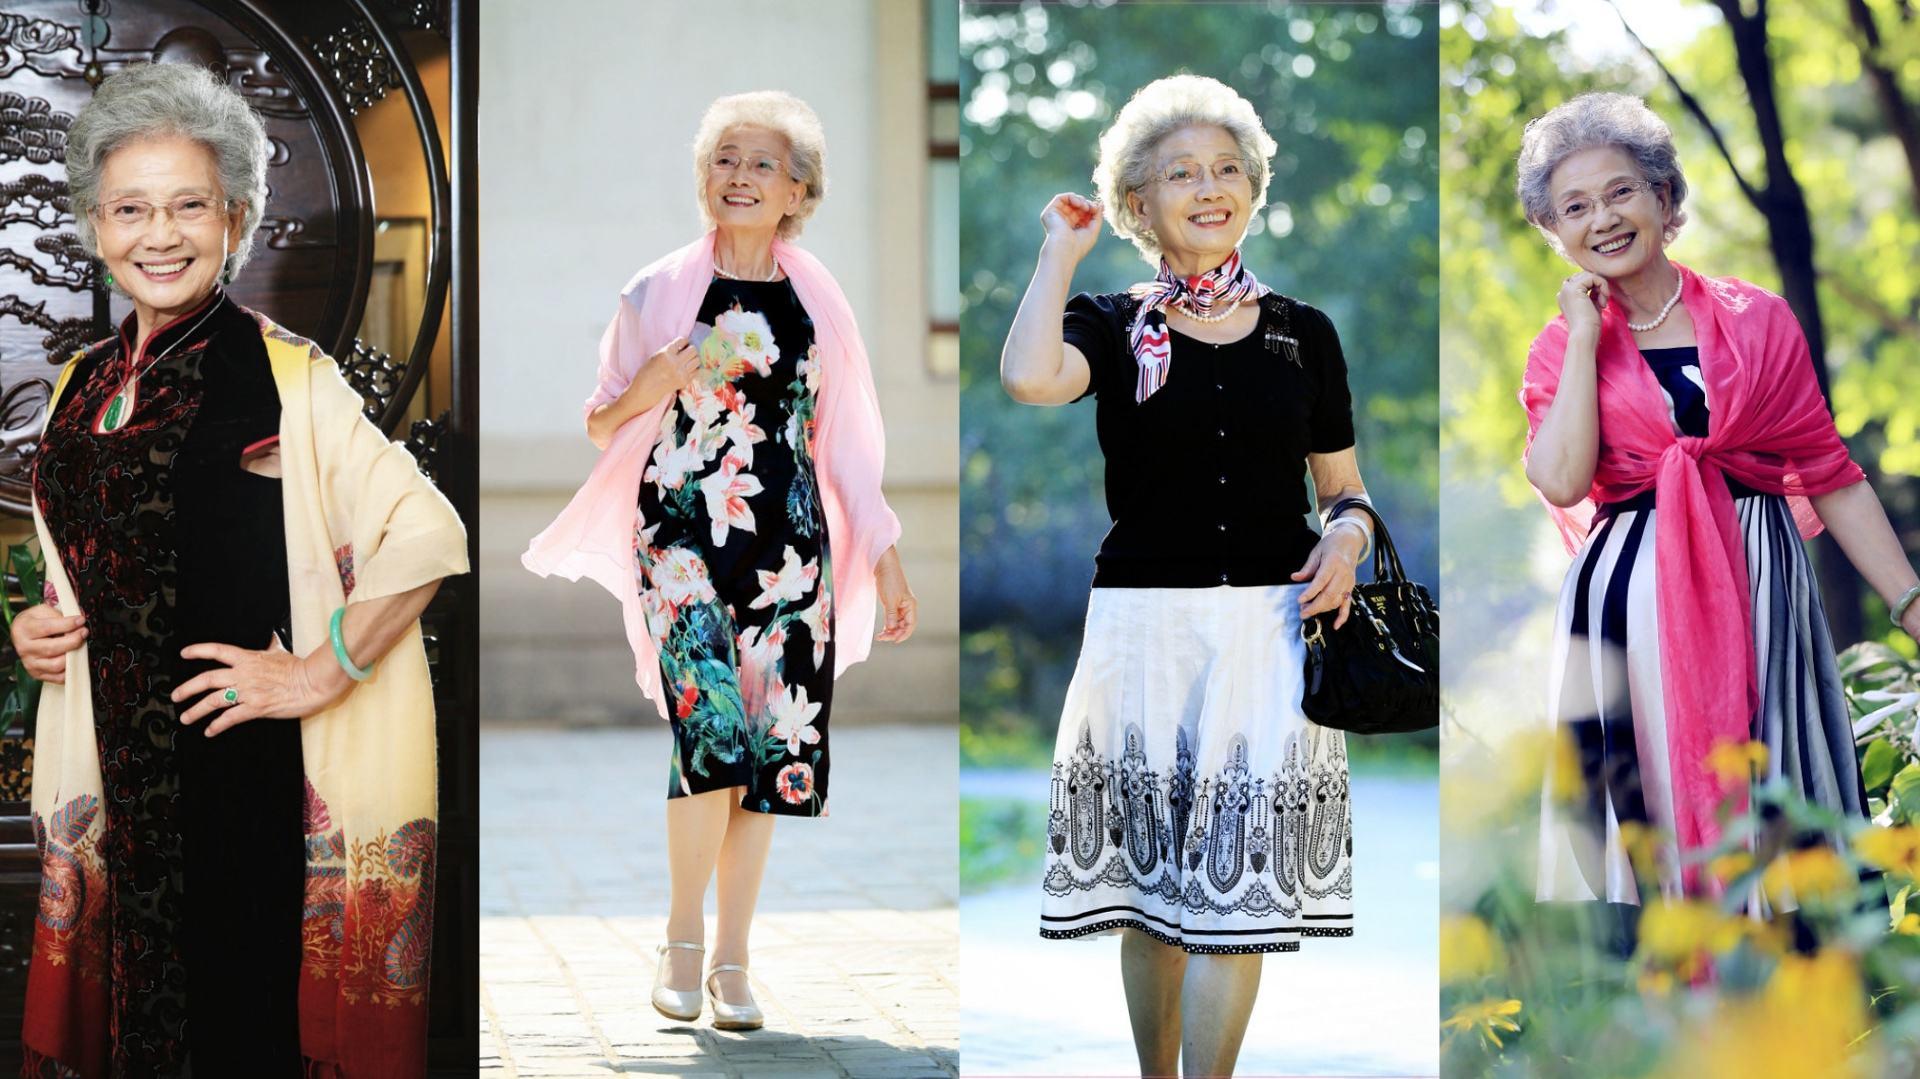 Usia Sudah 88 Tahun, Model ini Masih Aktif dan Cantik